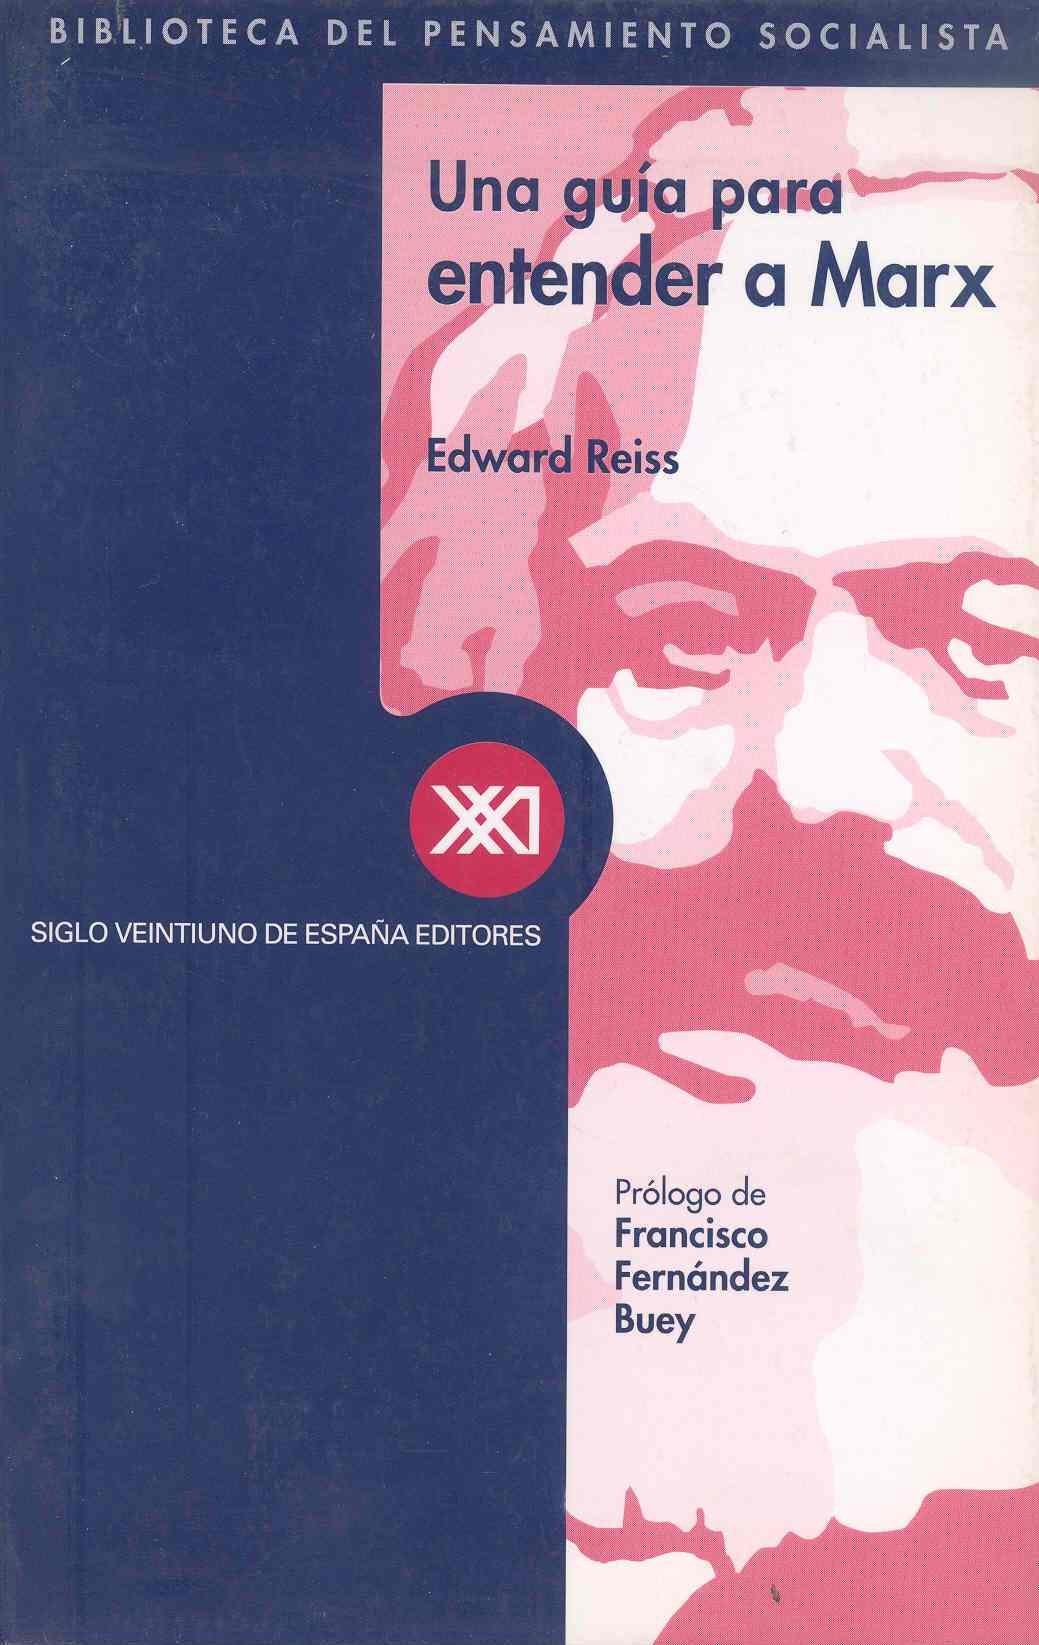 Una guía para entender a Marx Biblioteca del pensamiento socialista: Amazon.es: Reiss, Edward, Fernández Buey, Francisco, Barco, Juan José, Alins, Sonia, Jordán, Santiago: Libros